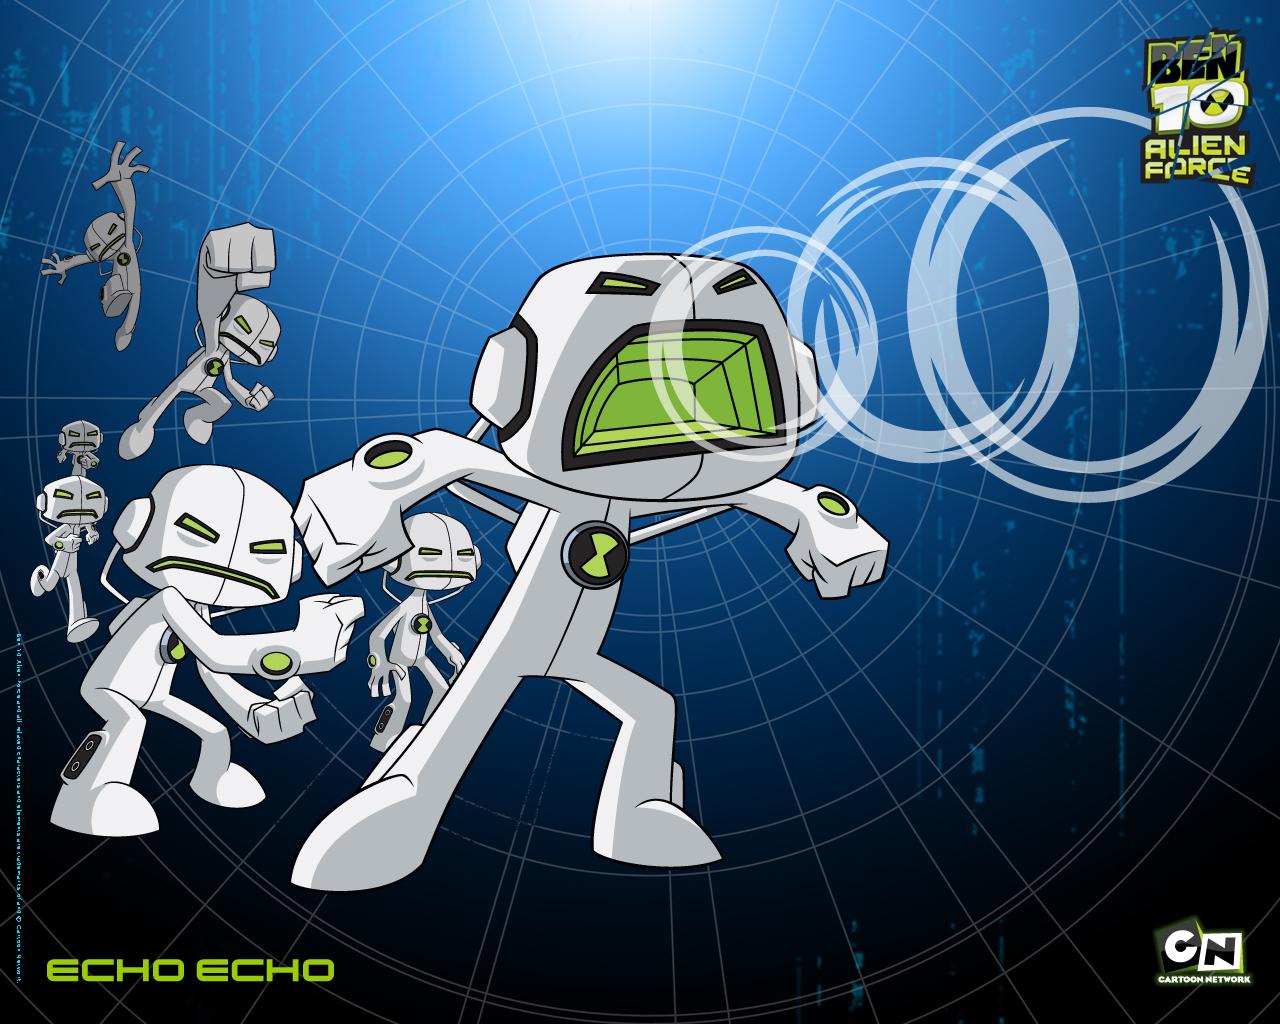 http://4.bp.blogspot.com/-uN_s8oKtAJc/Twtv_4-5G6I/AAAAAAAACw0/2E3gKNmjpV0/s1600/Ben-10-Alien-Force-Wallpaer-ben-10-alien-force-9733610-1280-1024.jpg